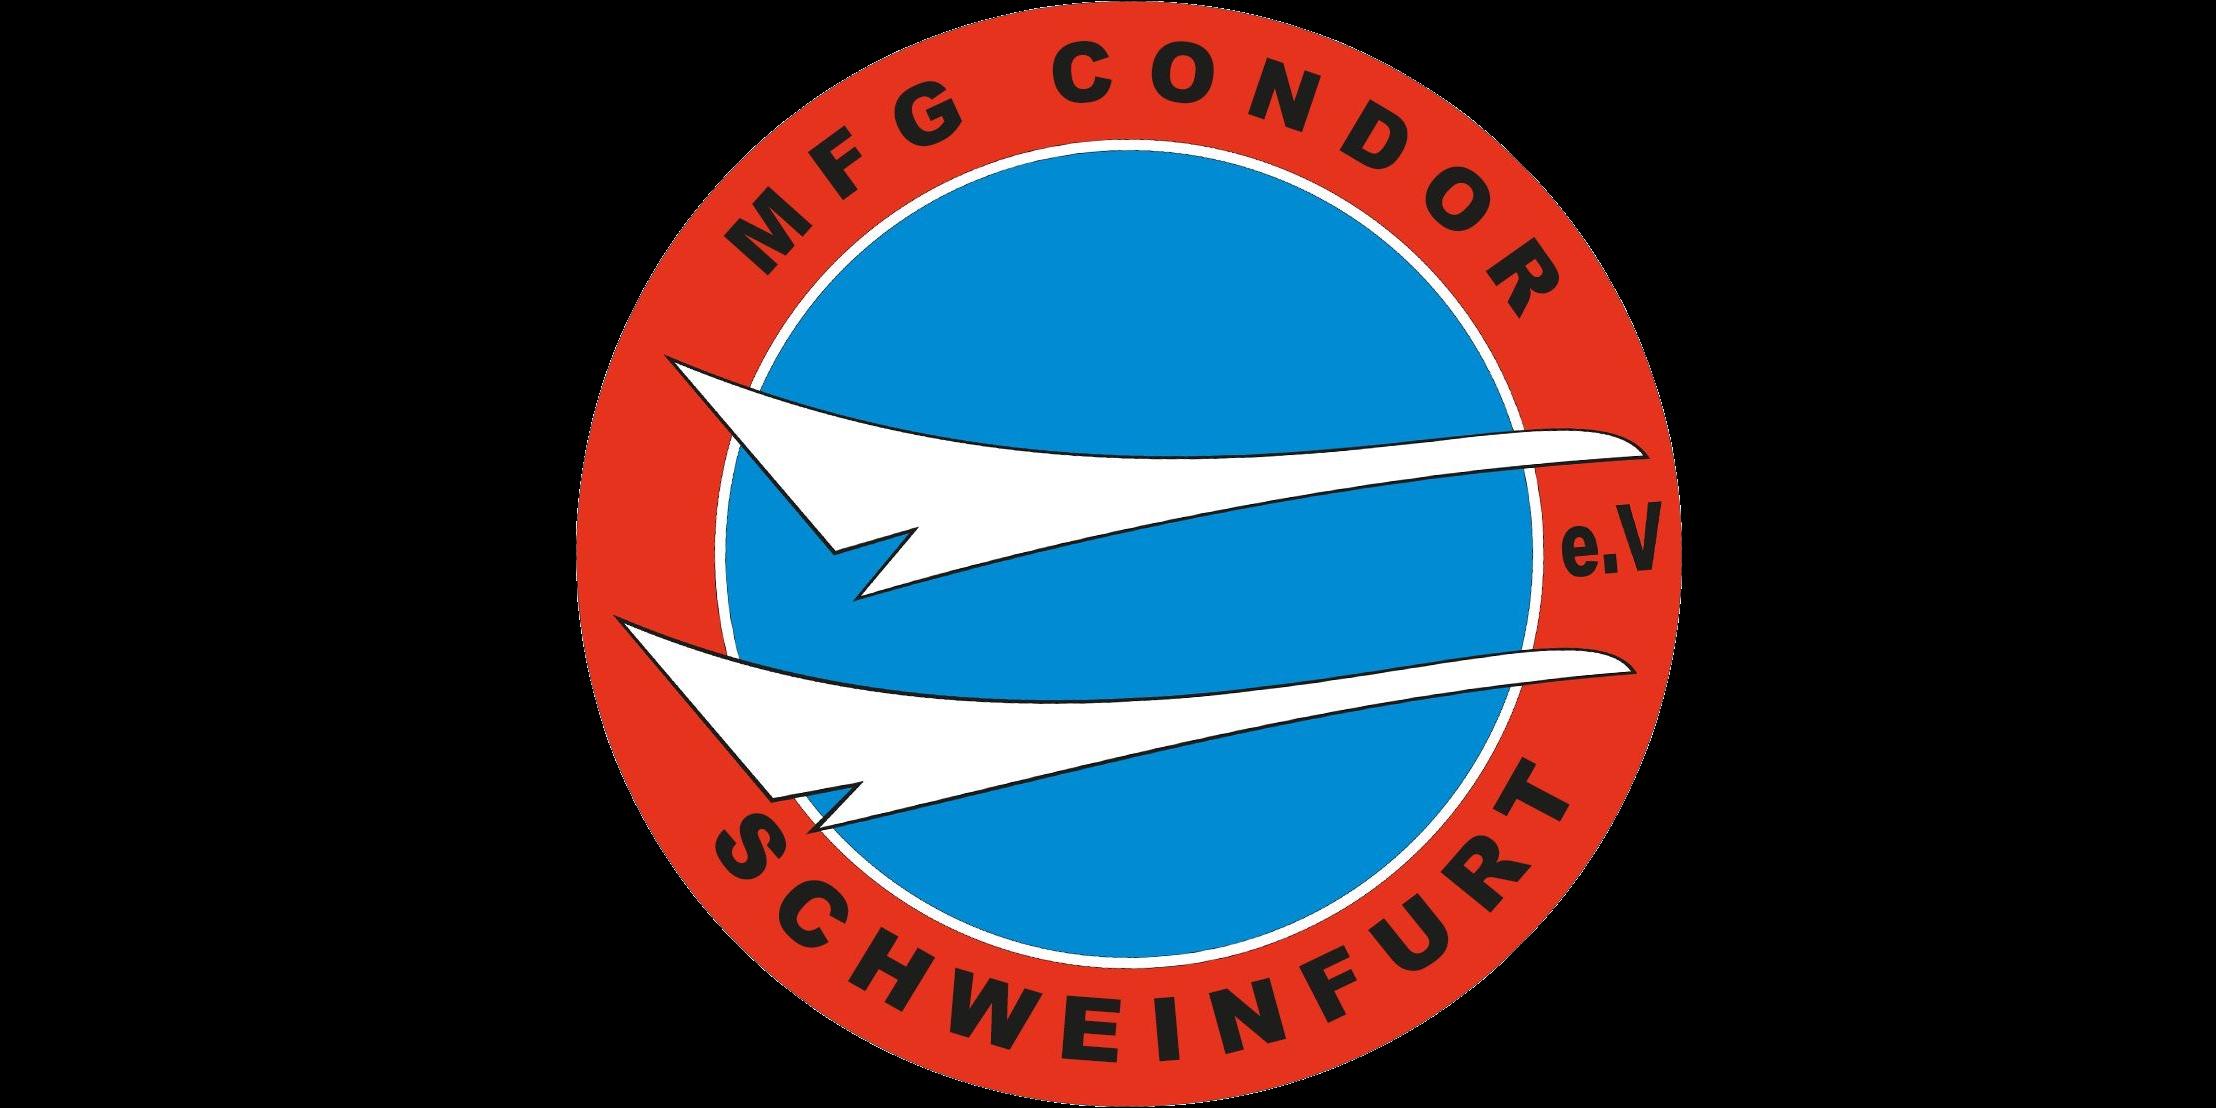 Modellfluggruppe Condor e.V. Schweinfurt